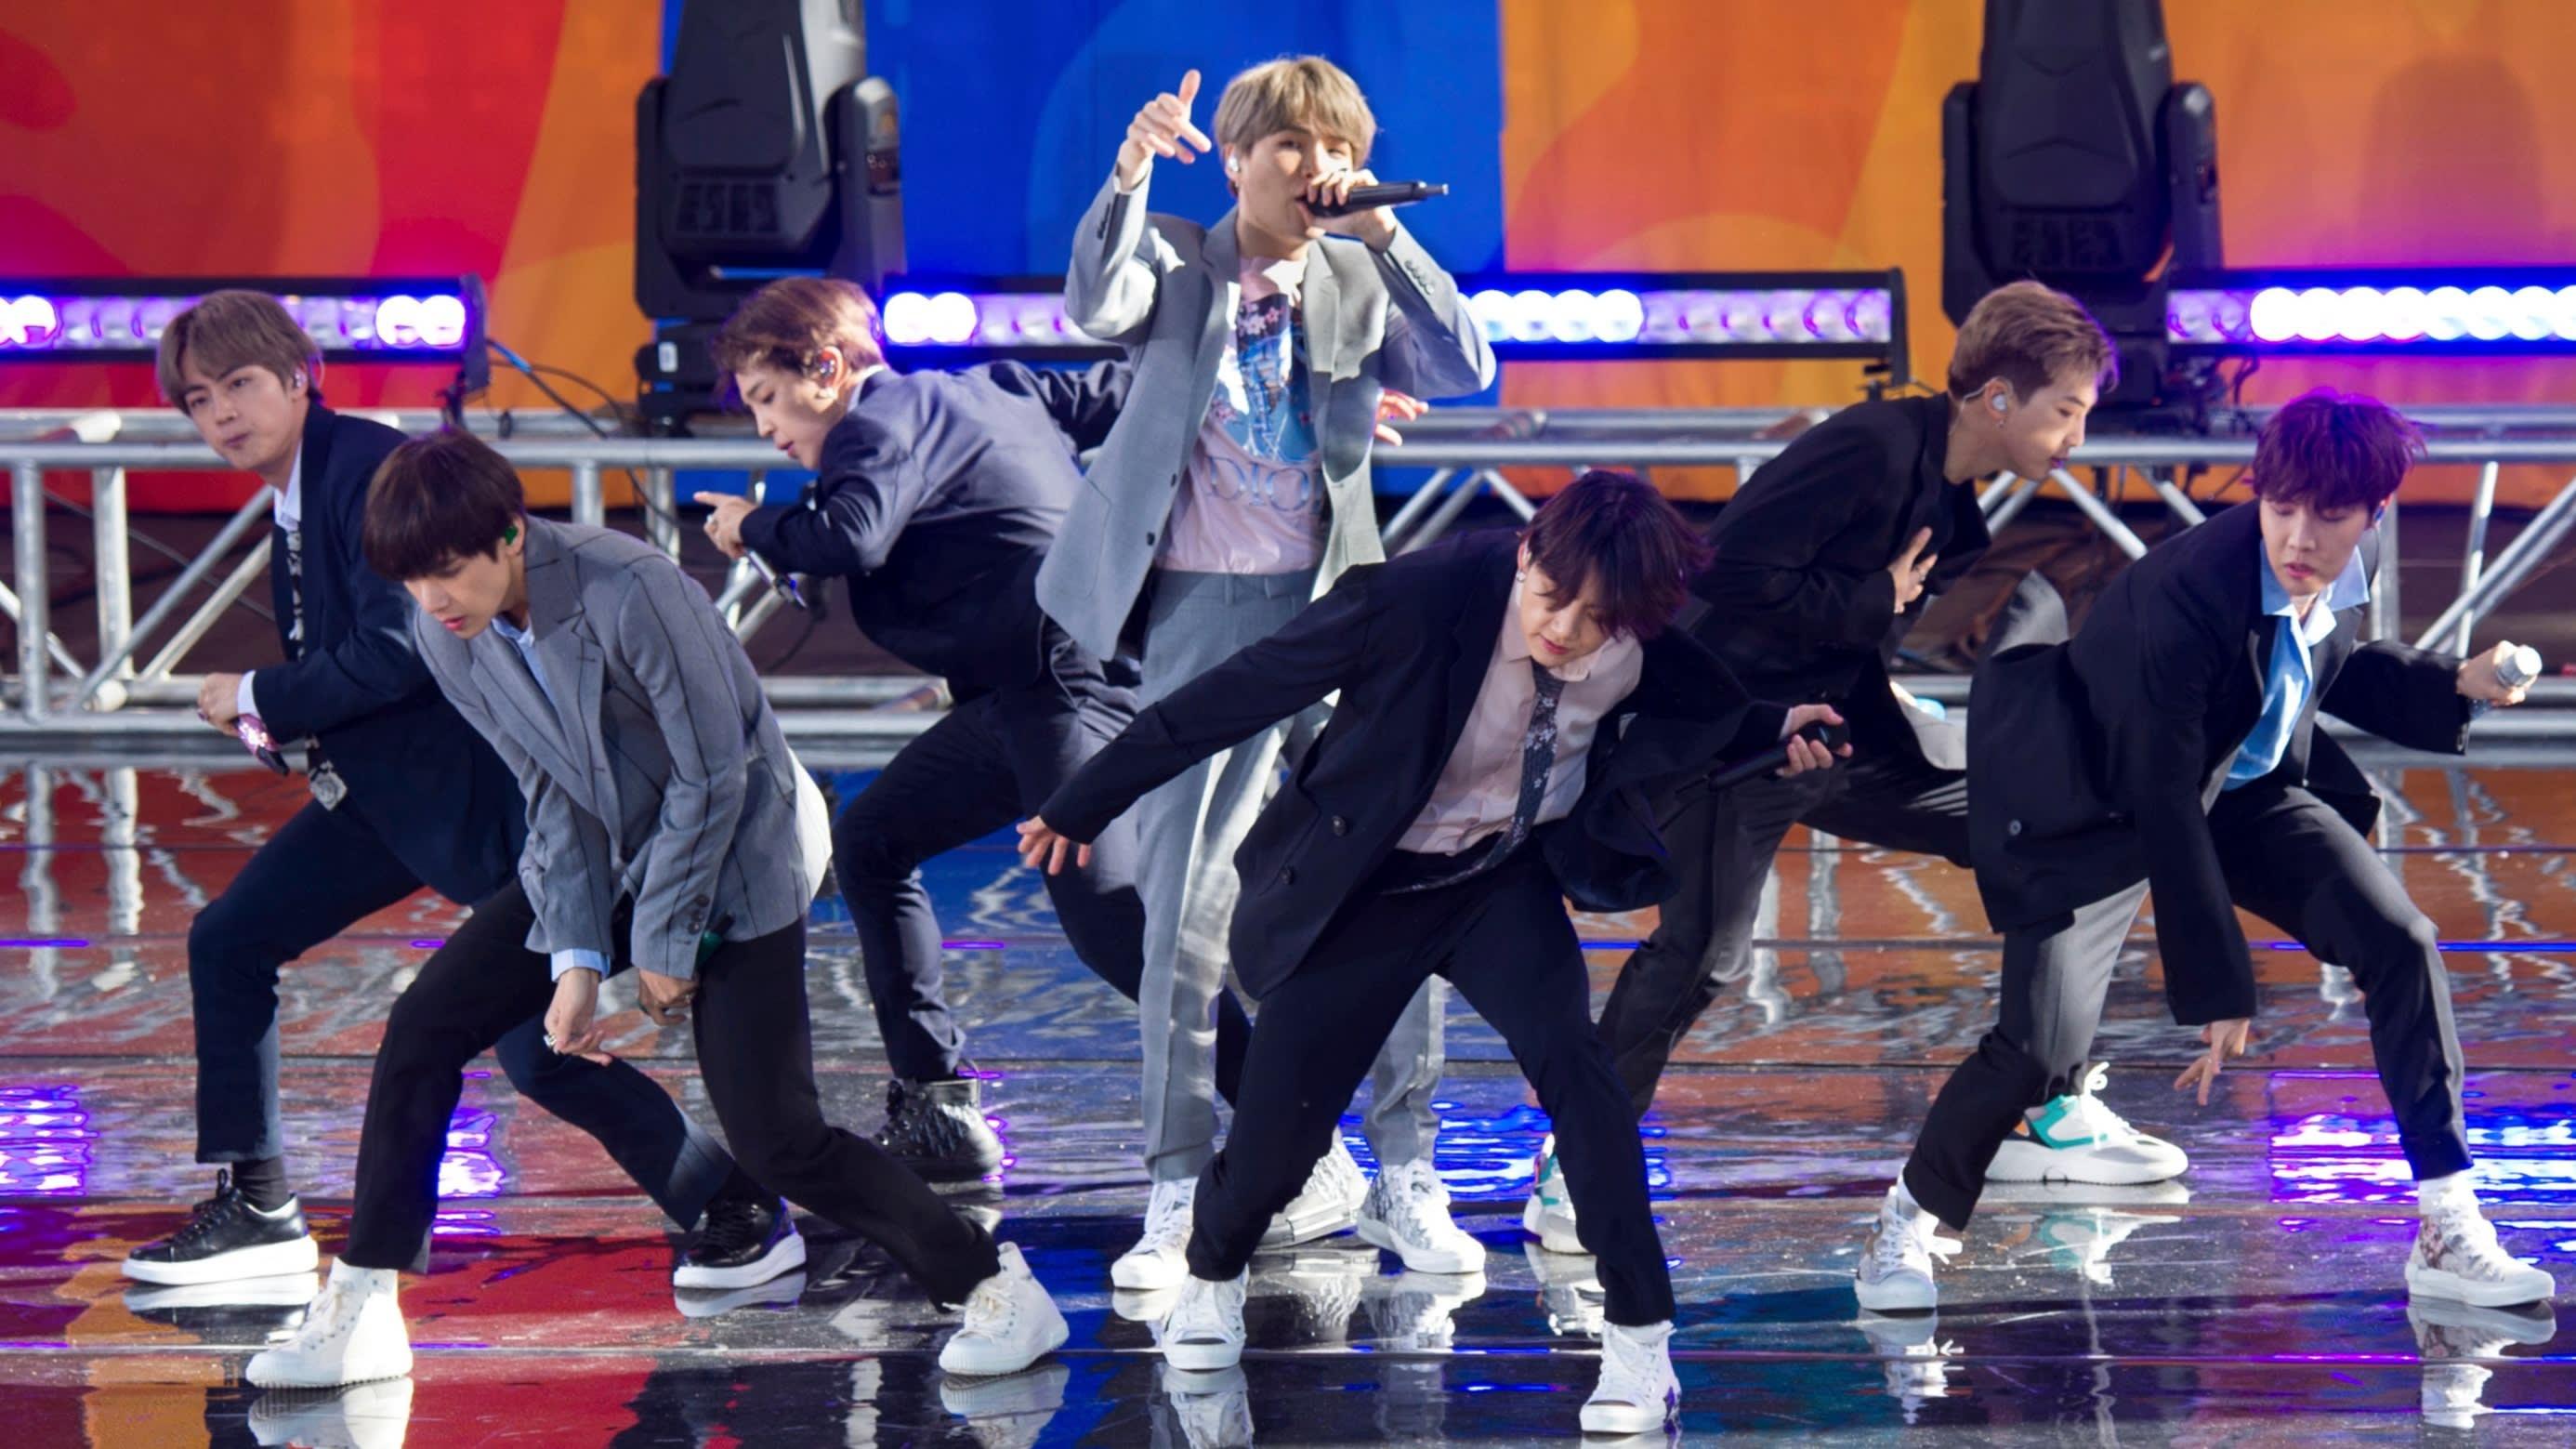 'Cha đẻ' nhóm nhạc đình đám BTS hướng tới mục tiêu IPO đế chế giải trí Big Hit - Ảnh 1.